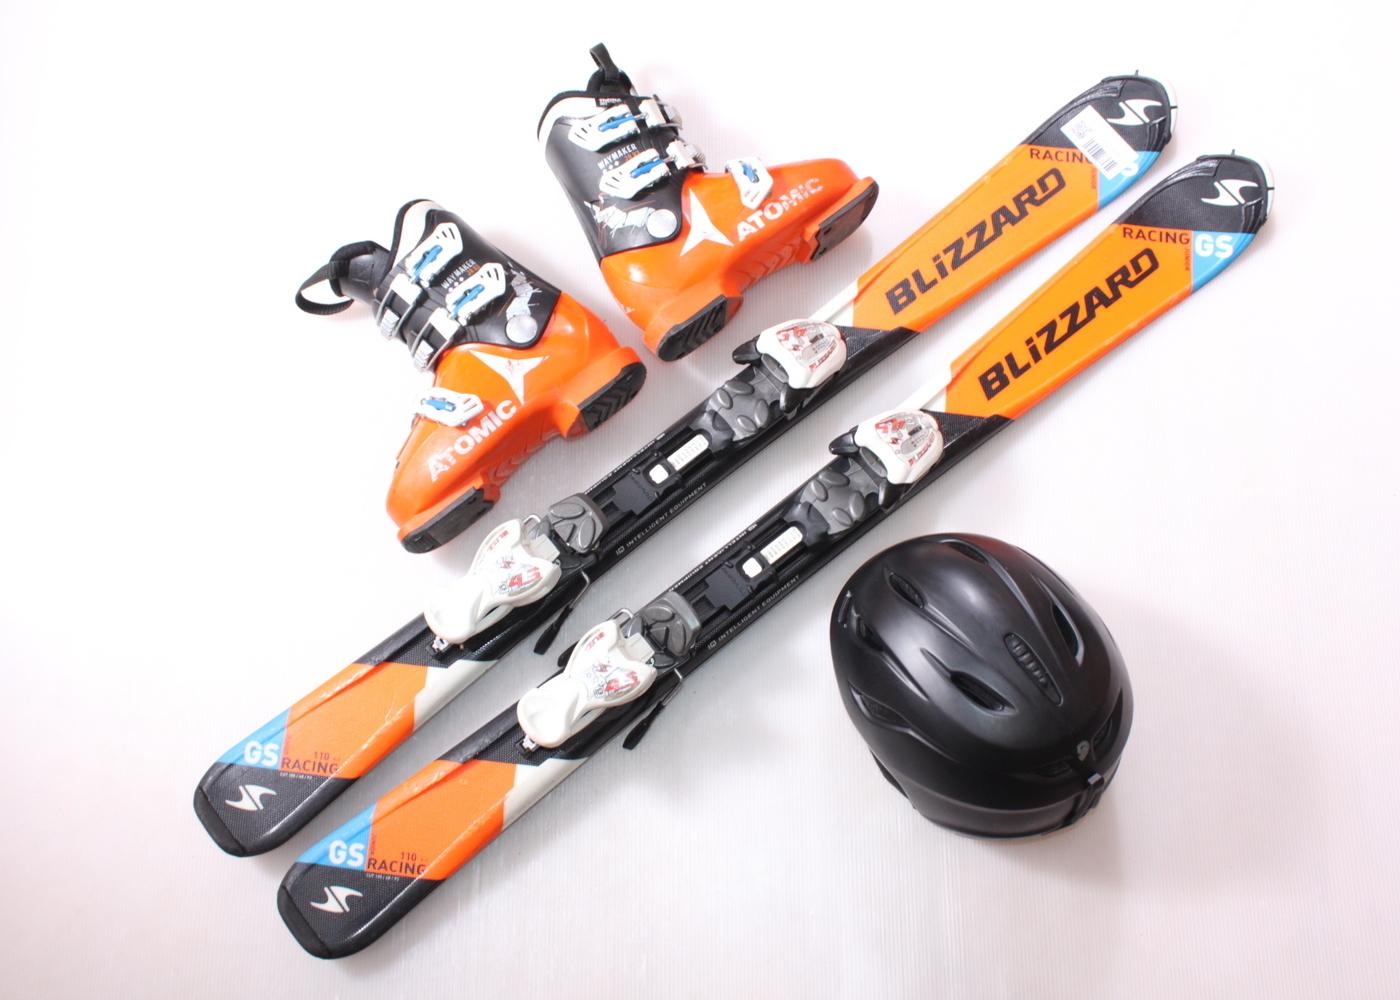 Dětské lyže BLIZZARD GS RACING 110 cm + lyžáky  34EU + helma